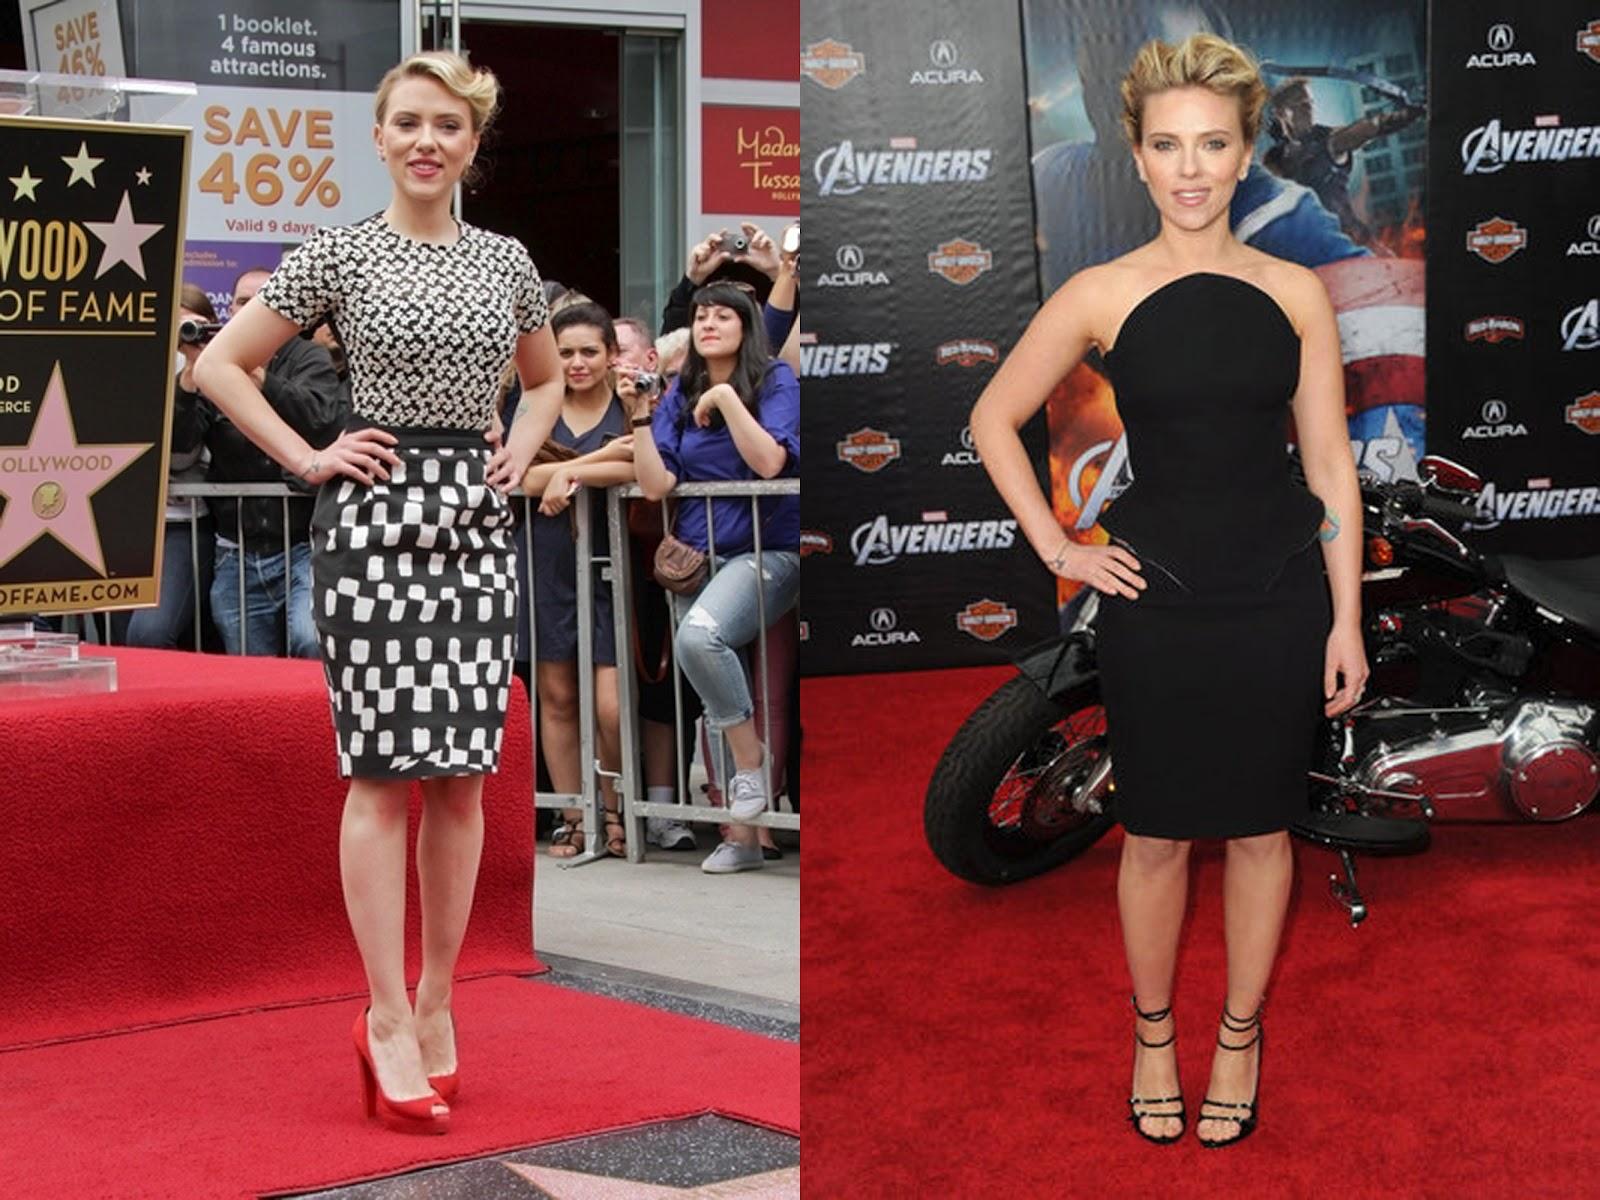 http://4.bp.blogspot.com/-Jlcyu-Of_Gs/T8yyIF5caUI/AAAAAAAABNs/sVyNCSk9PiY/s1600/Scarlett+Johansson+combine.jpg